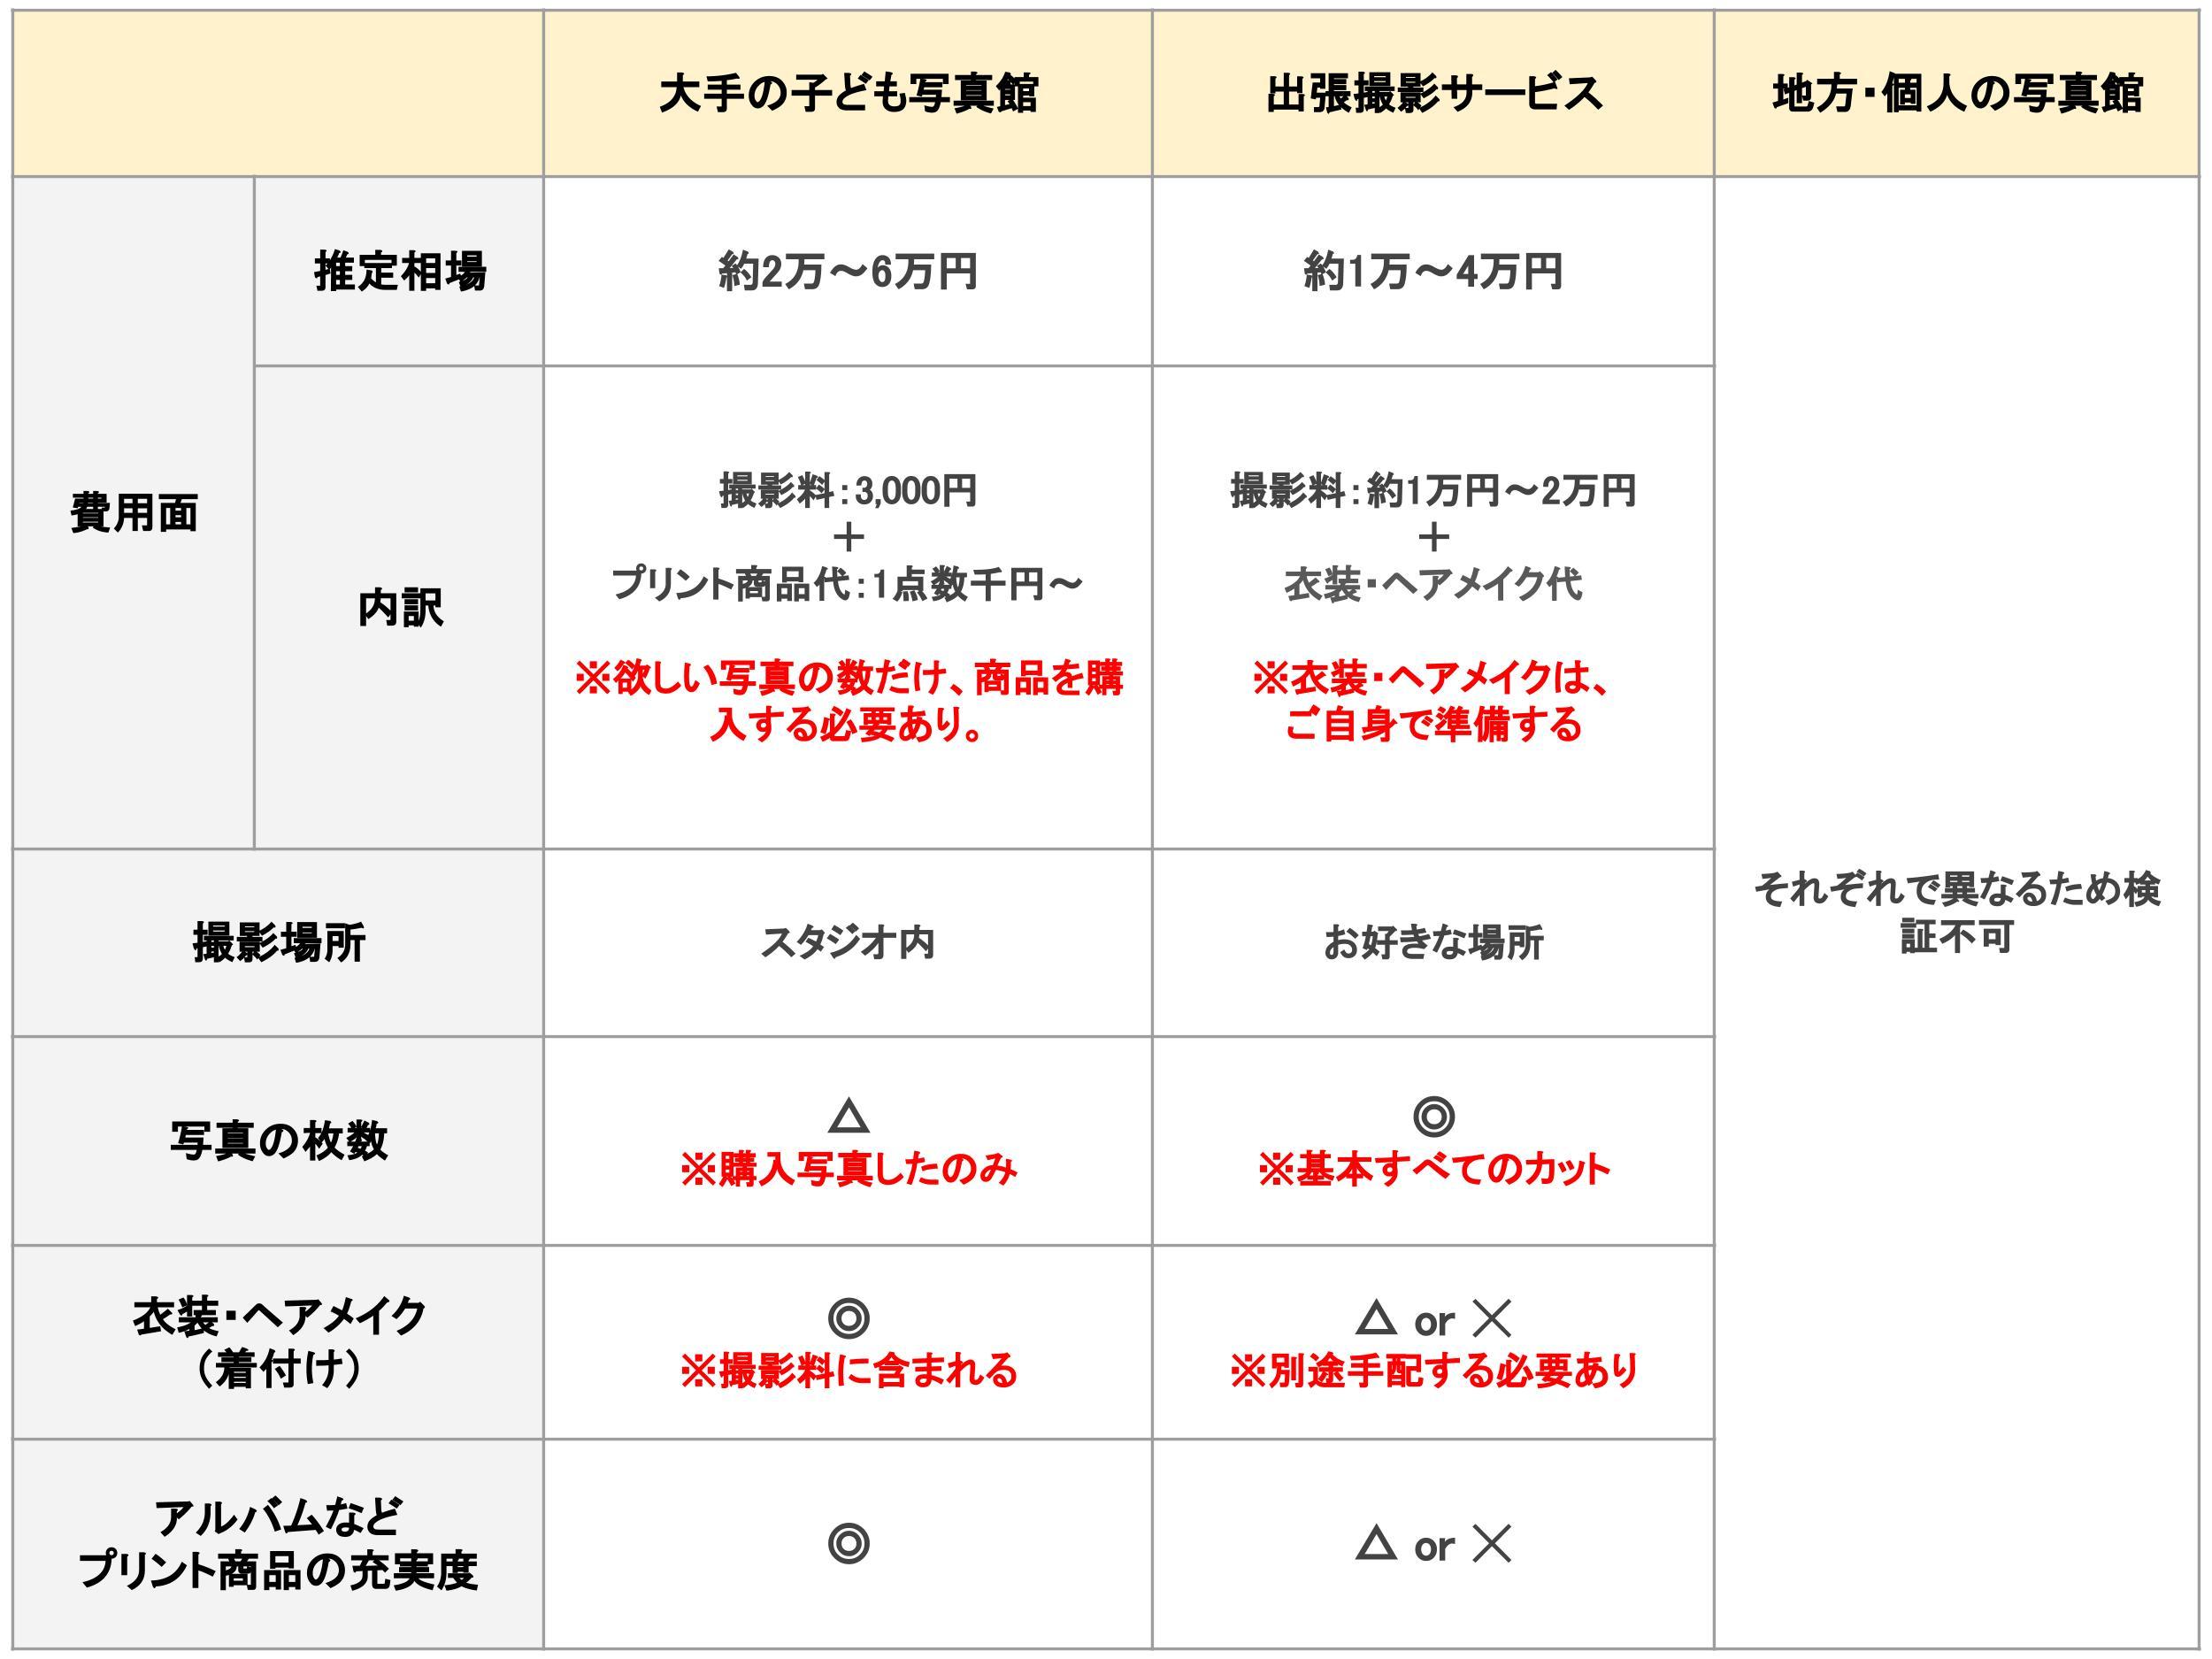 お宮参りの写真館と出張撮影【業界別比較表】